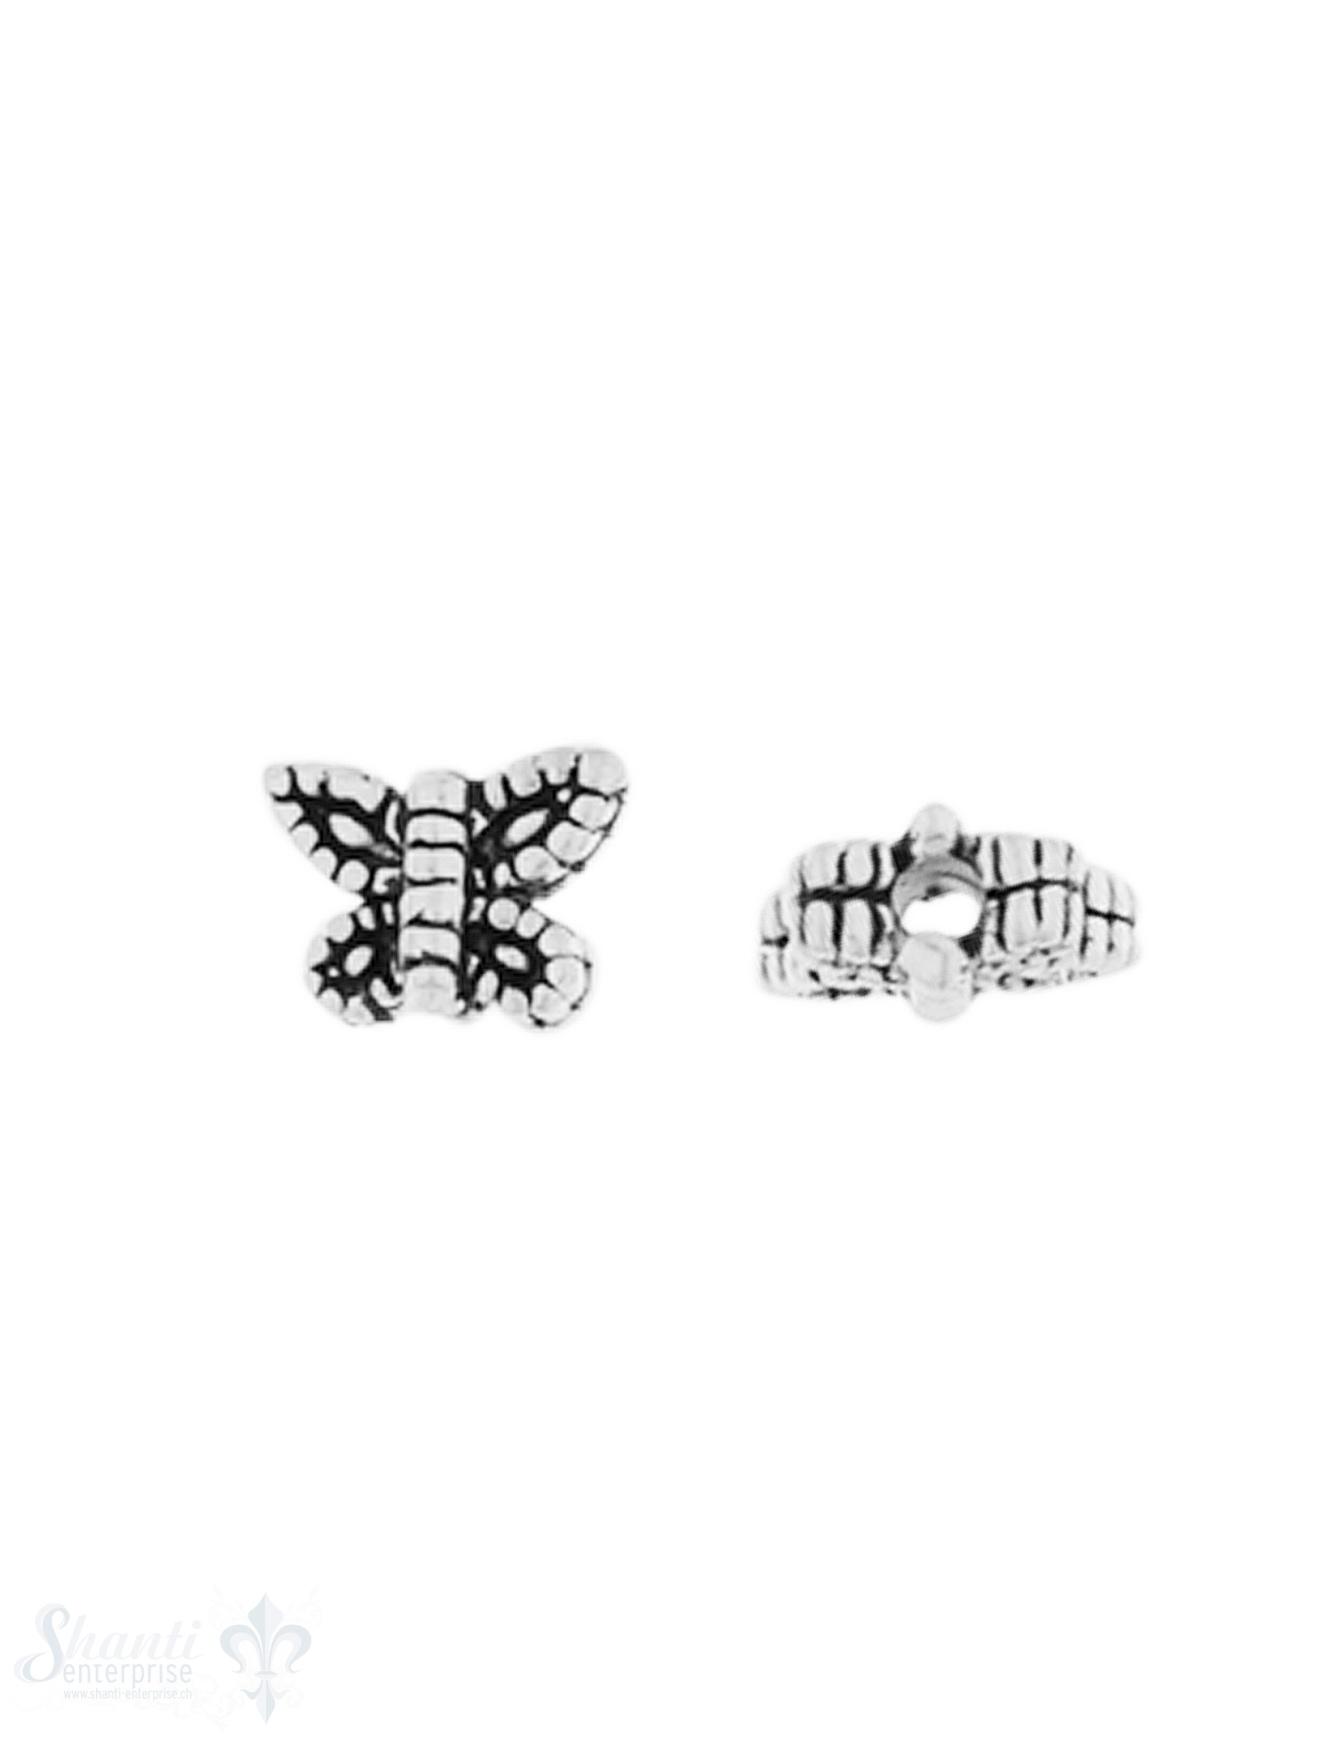 Zwischenteil Silber geschwärzt Schmetterling 6x7 m